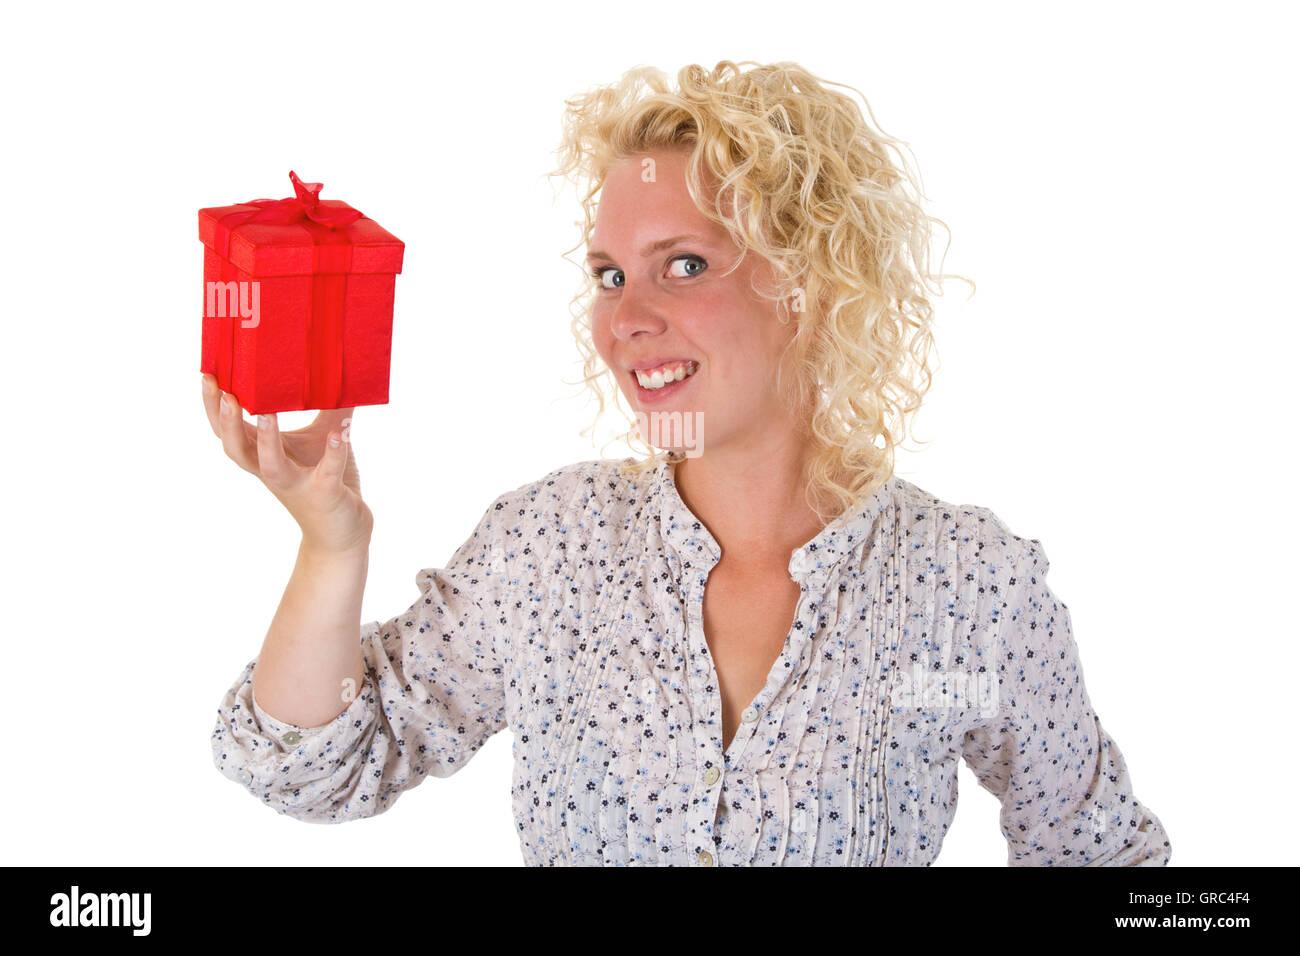 Junge Frau mit einer roten Geschenkbox Stockbild